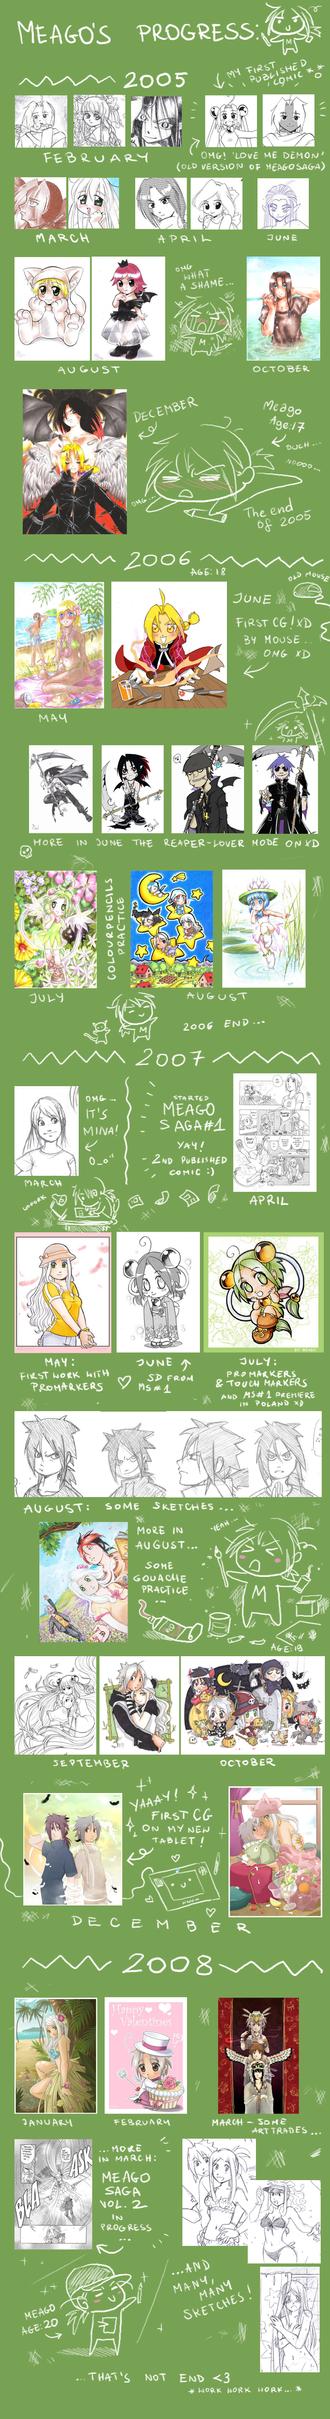 Meago's progress by meago